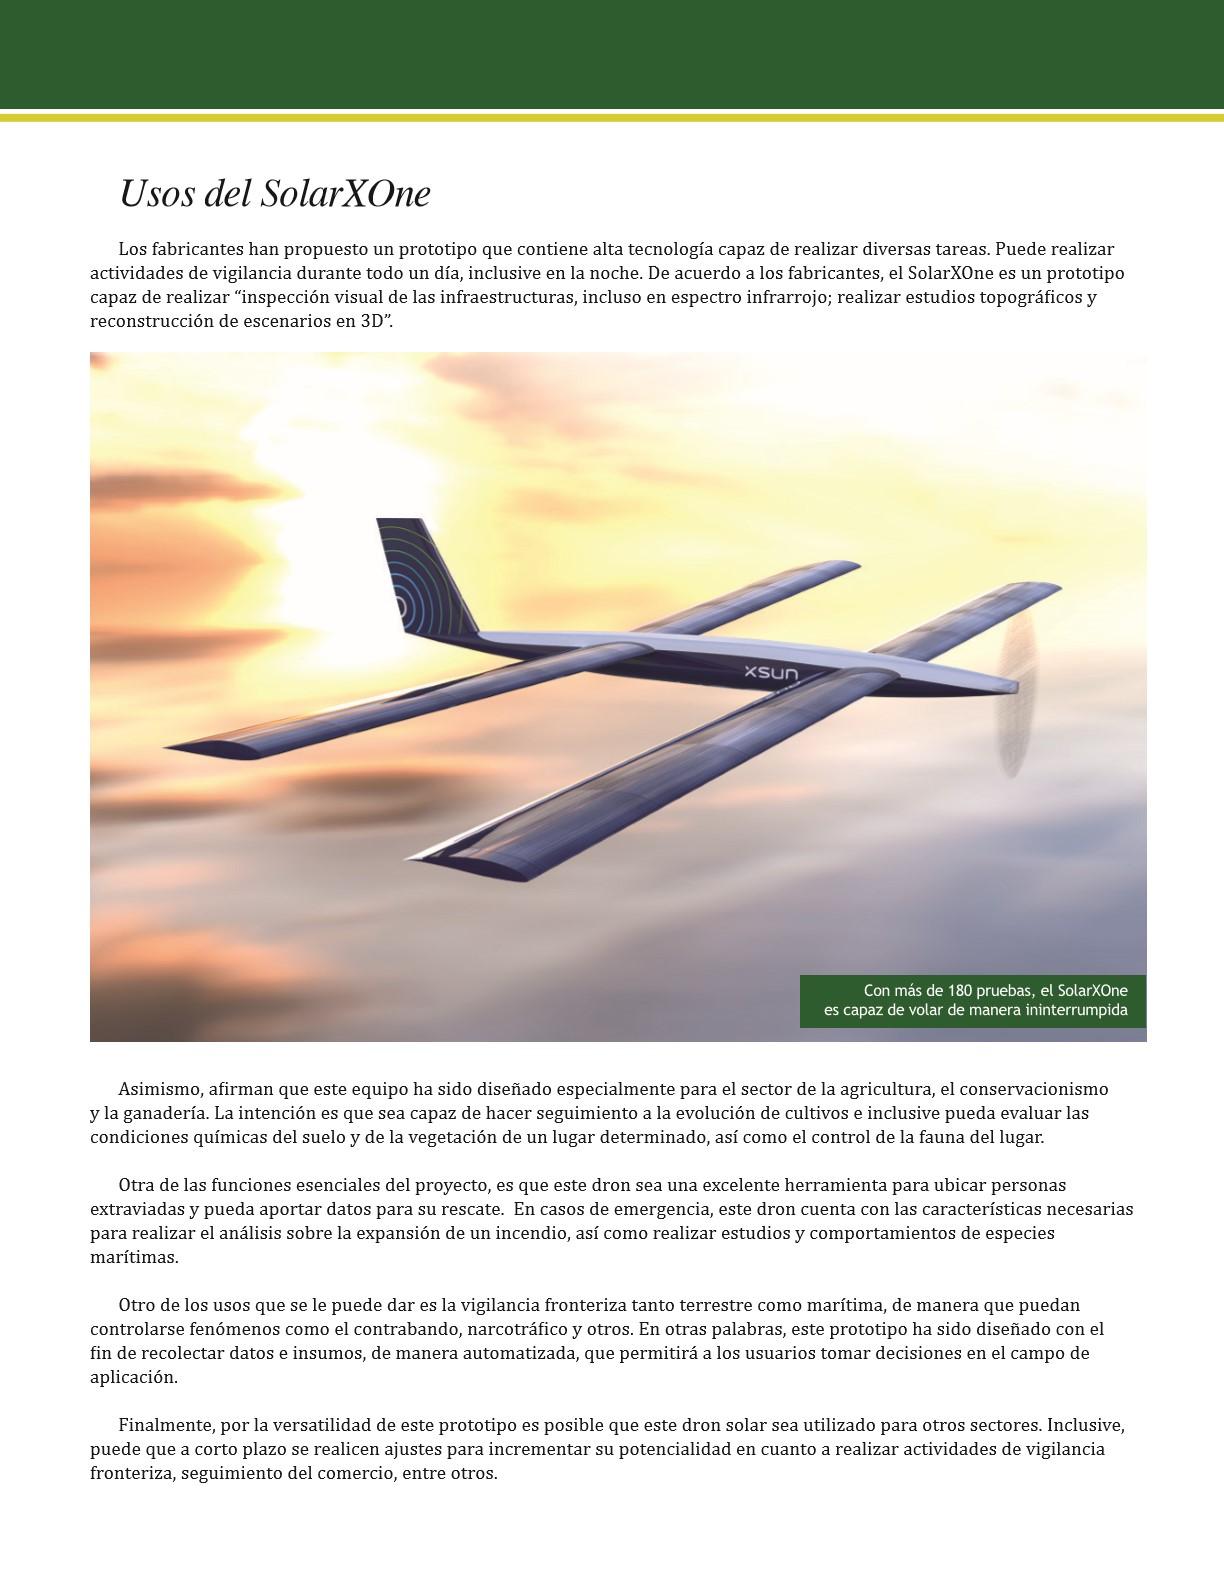 56-REV SolarXOne